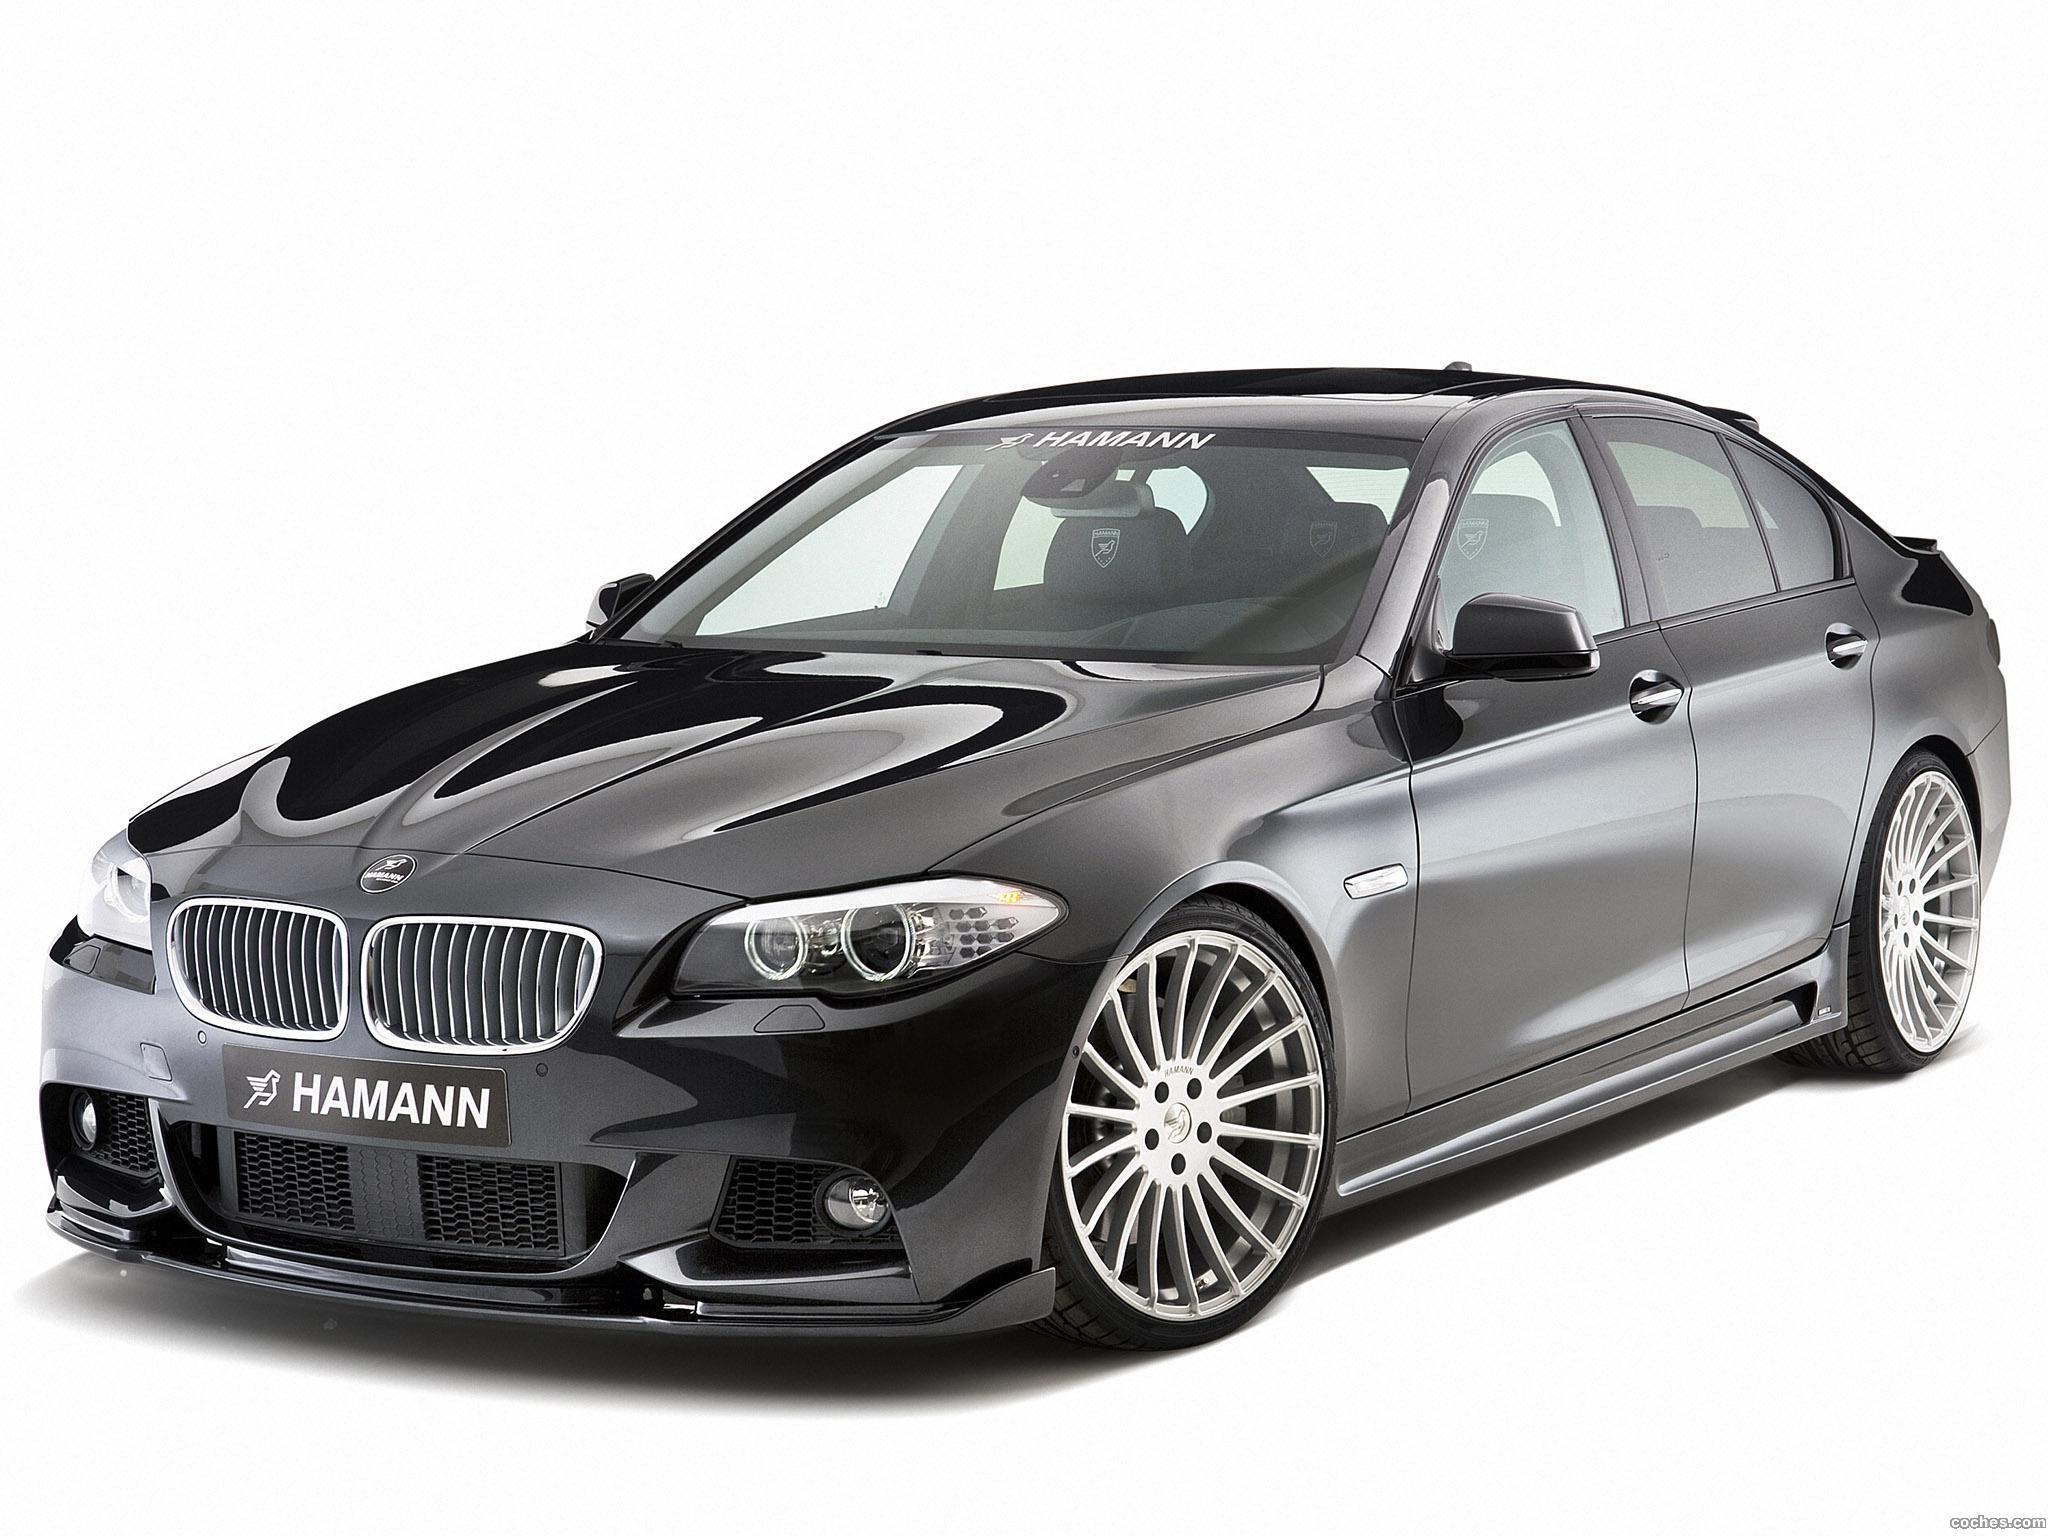 Foto 0 de BMW 5-Series M Technik F10 hamman 2011